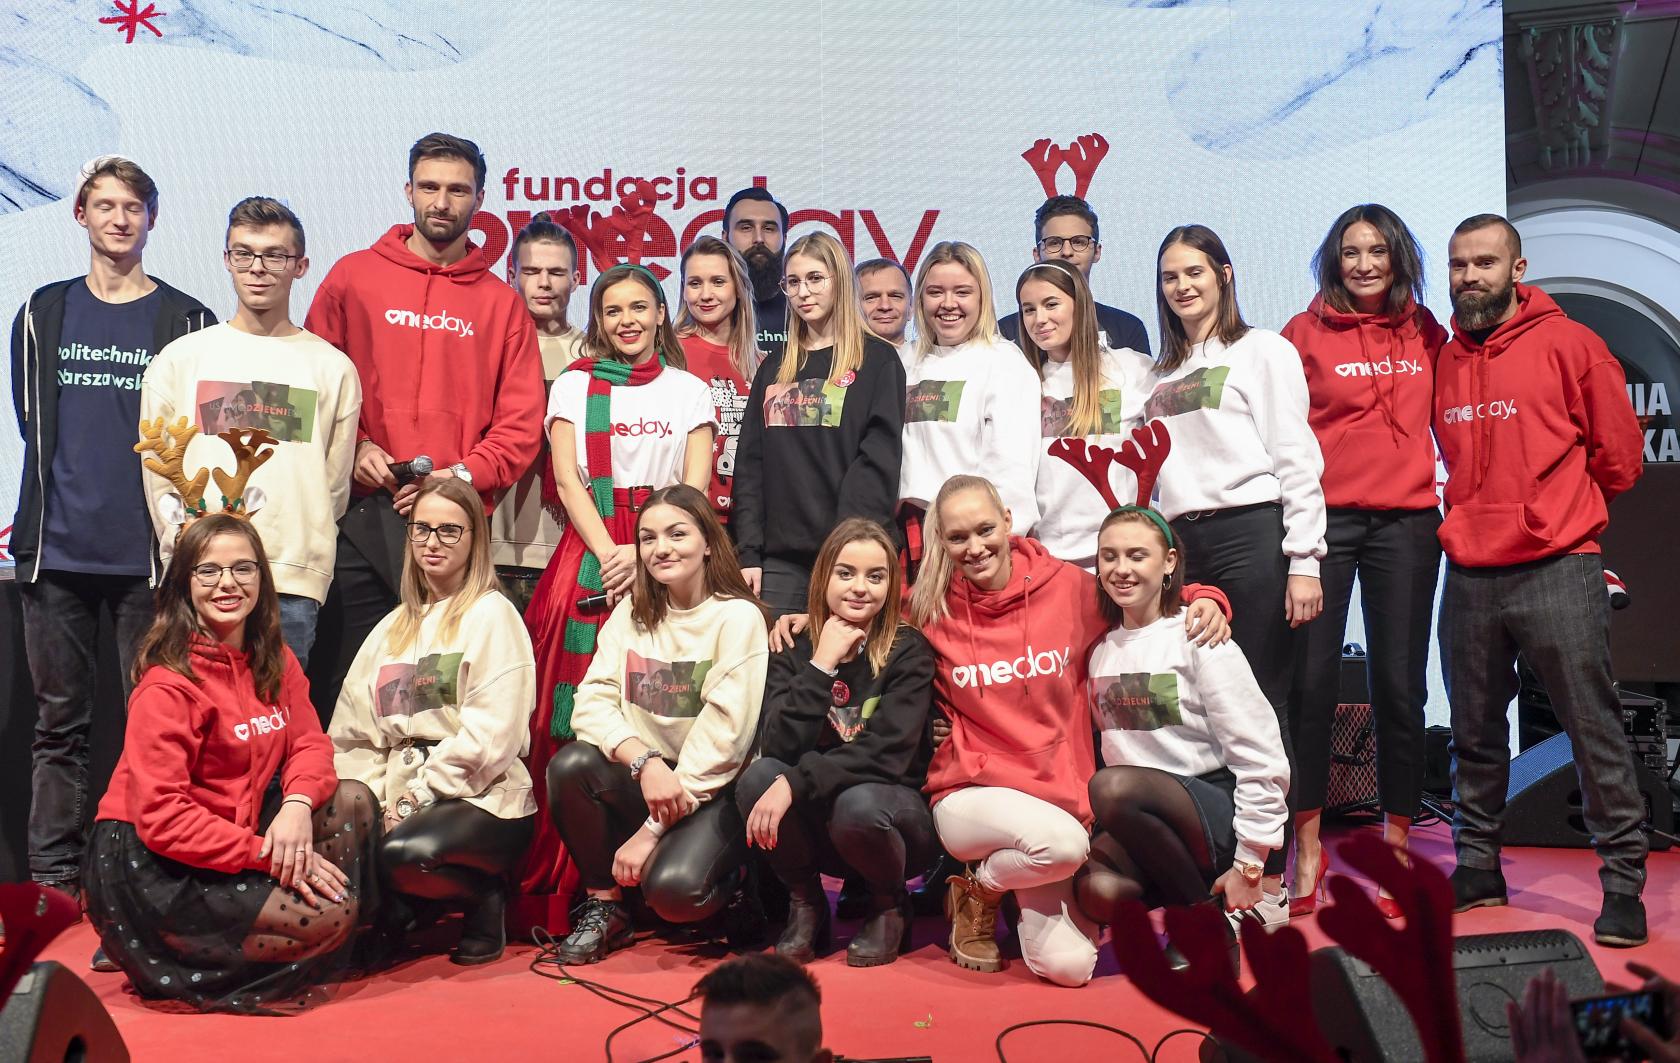 BlogStar: Gwiazdka Fundacji One Day - BlogStar.pl